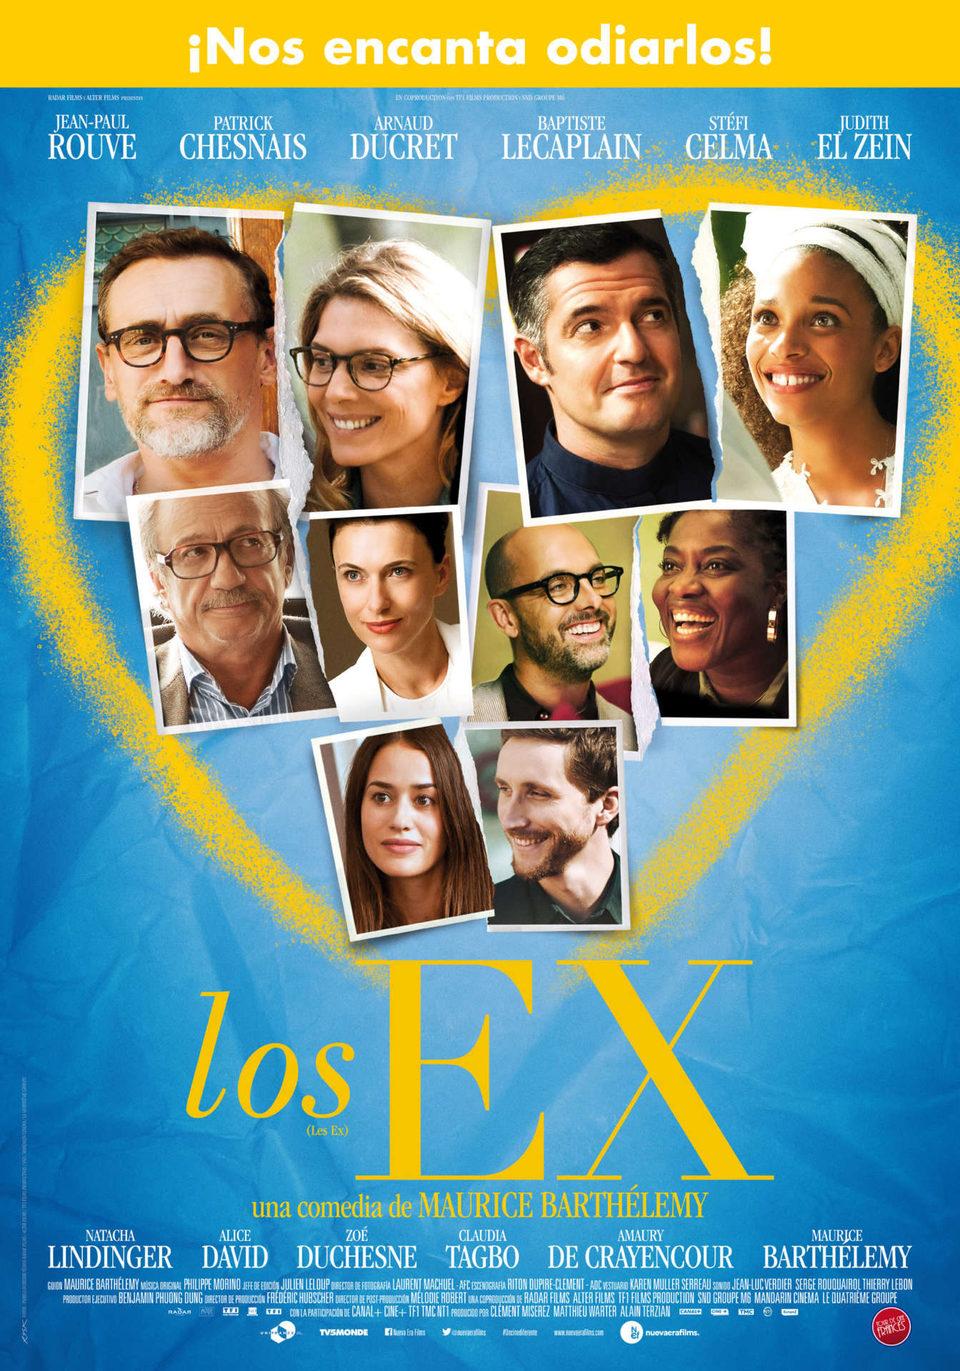 Cartel México de 'Los ex'